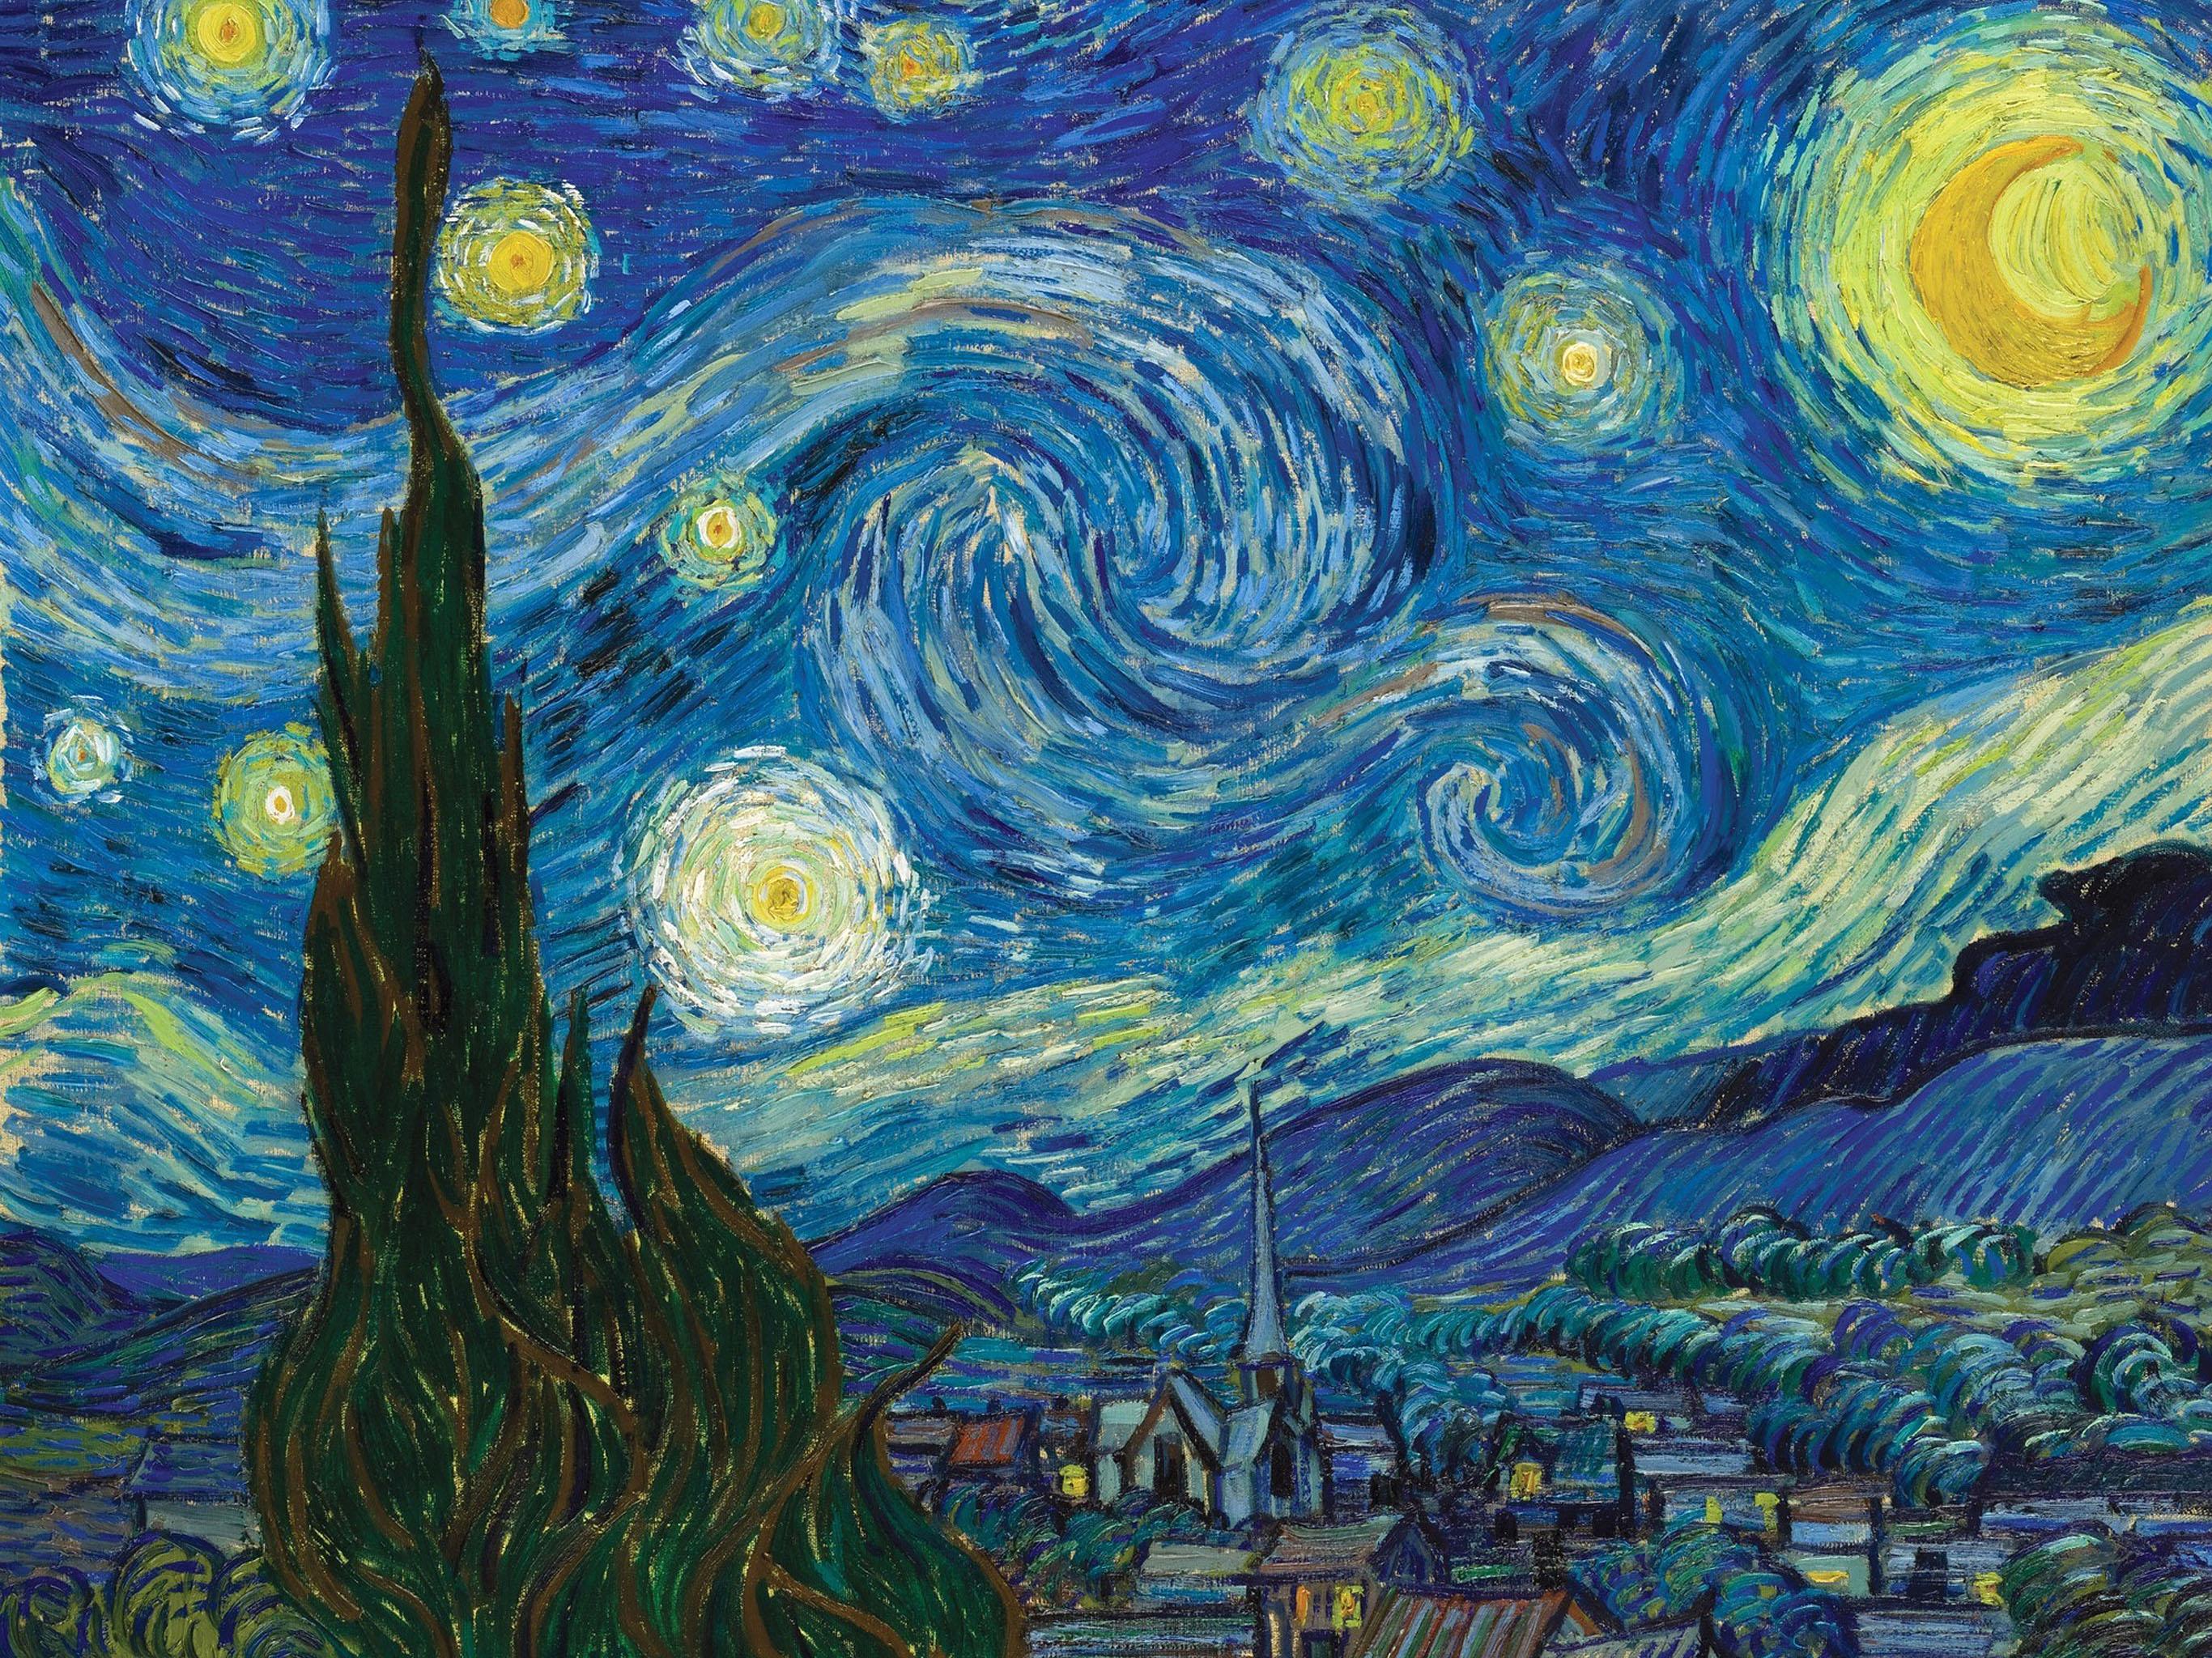 ゴッホ 星月夜 Vincent van Gogh - The Starry Night 2732x2048